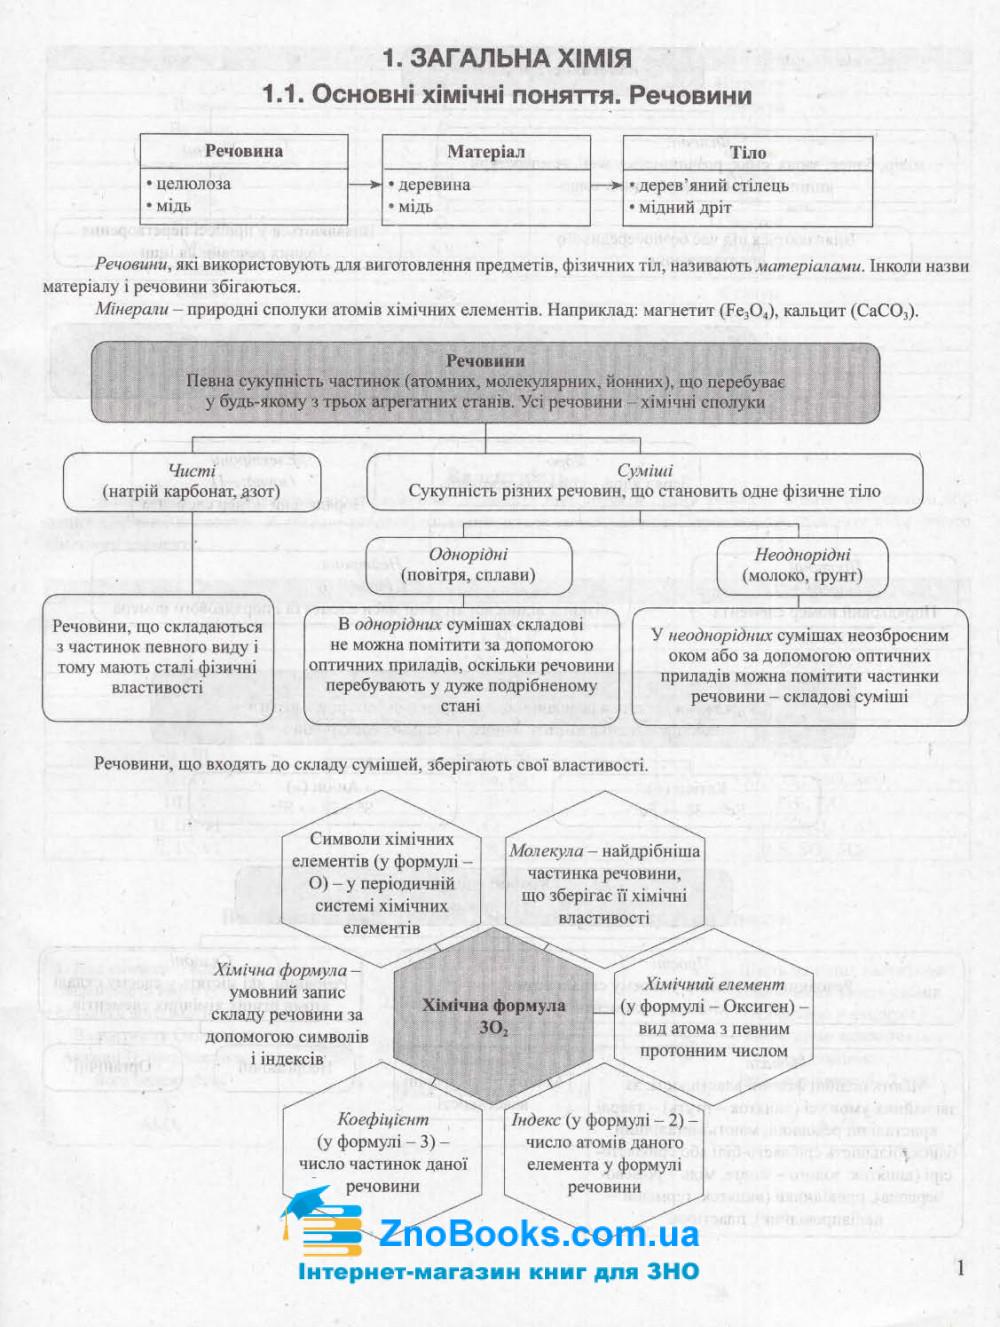 ЗНО Хімія 2022. Тематичні узагальнення в таблицях і схемах : Титаренко Н. Видавництво Літера. 2